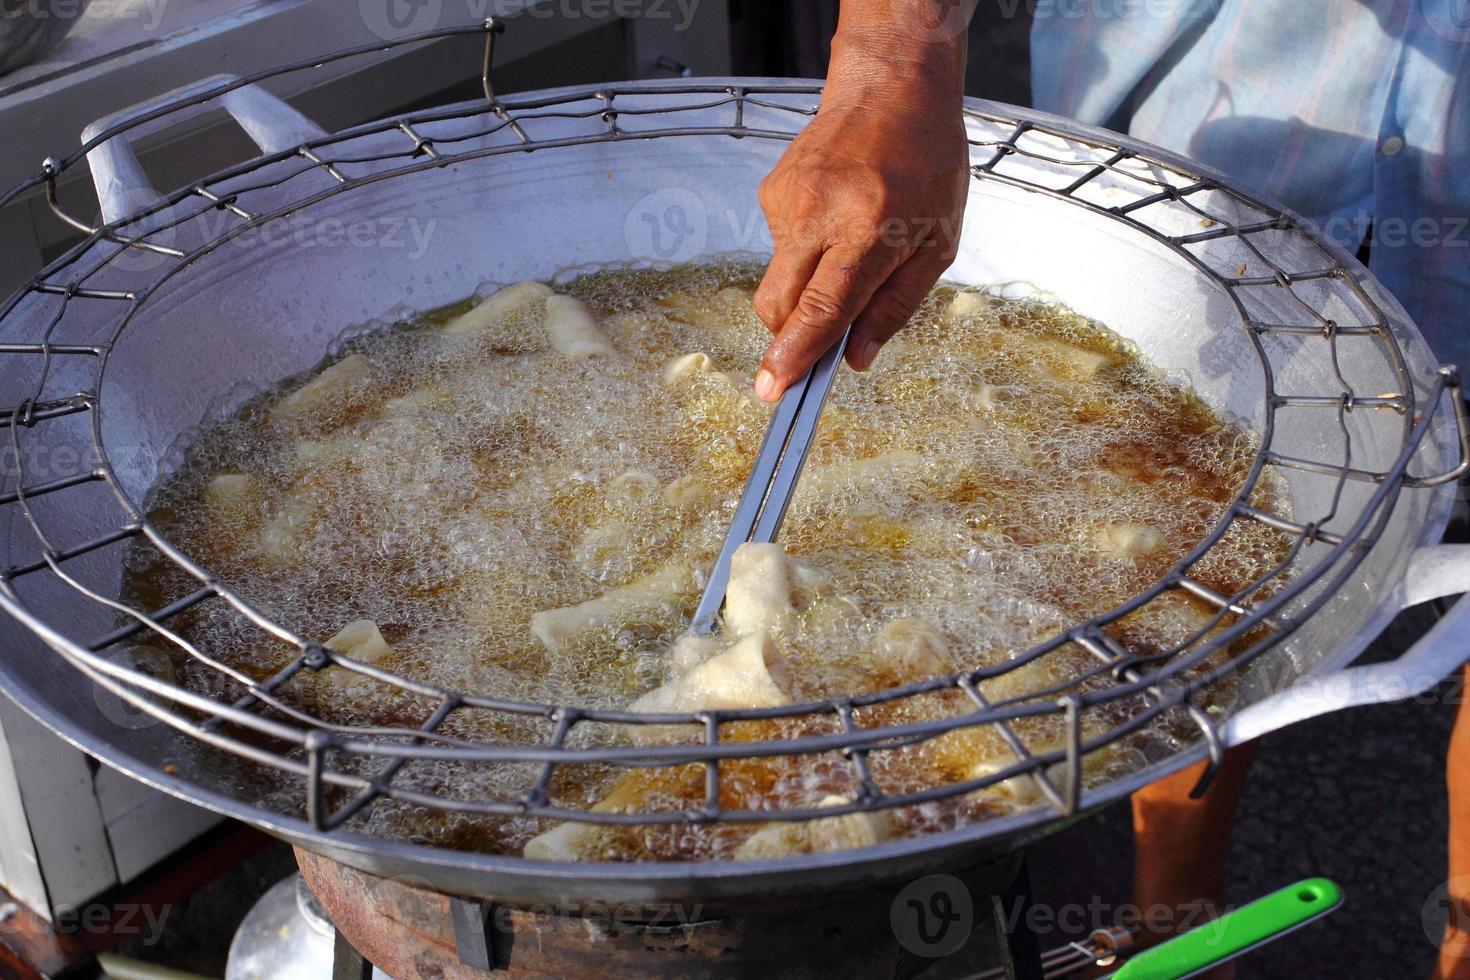 friggere il tofu con olio caldo. foto